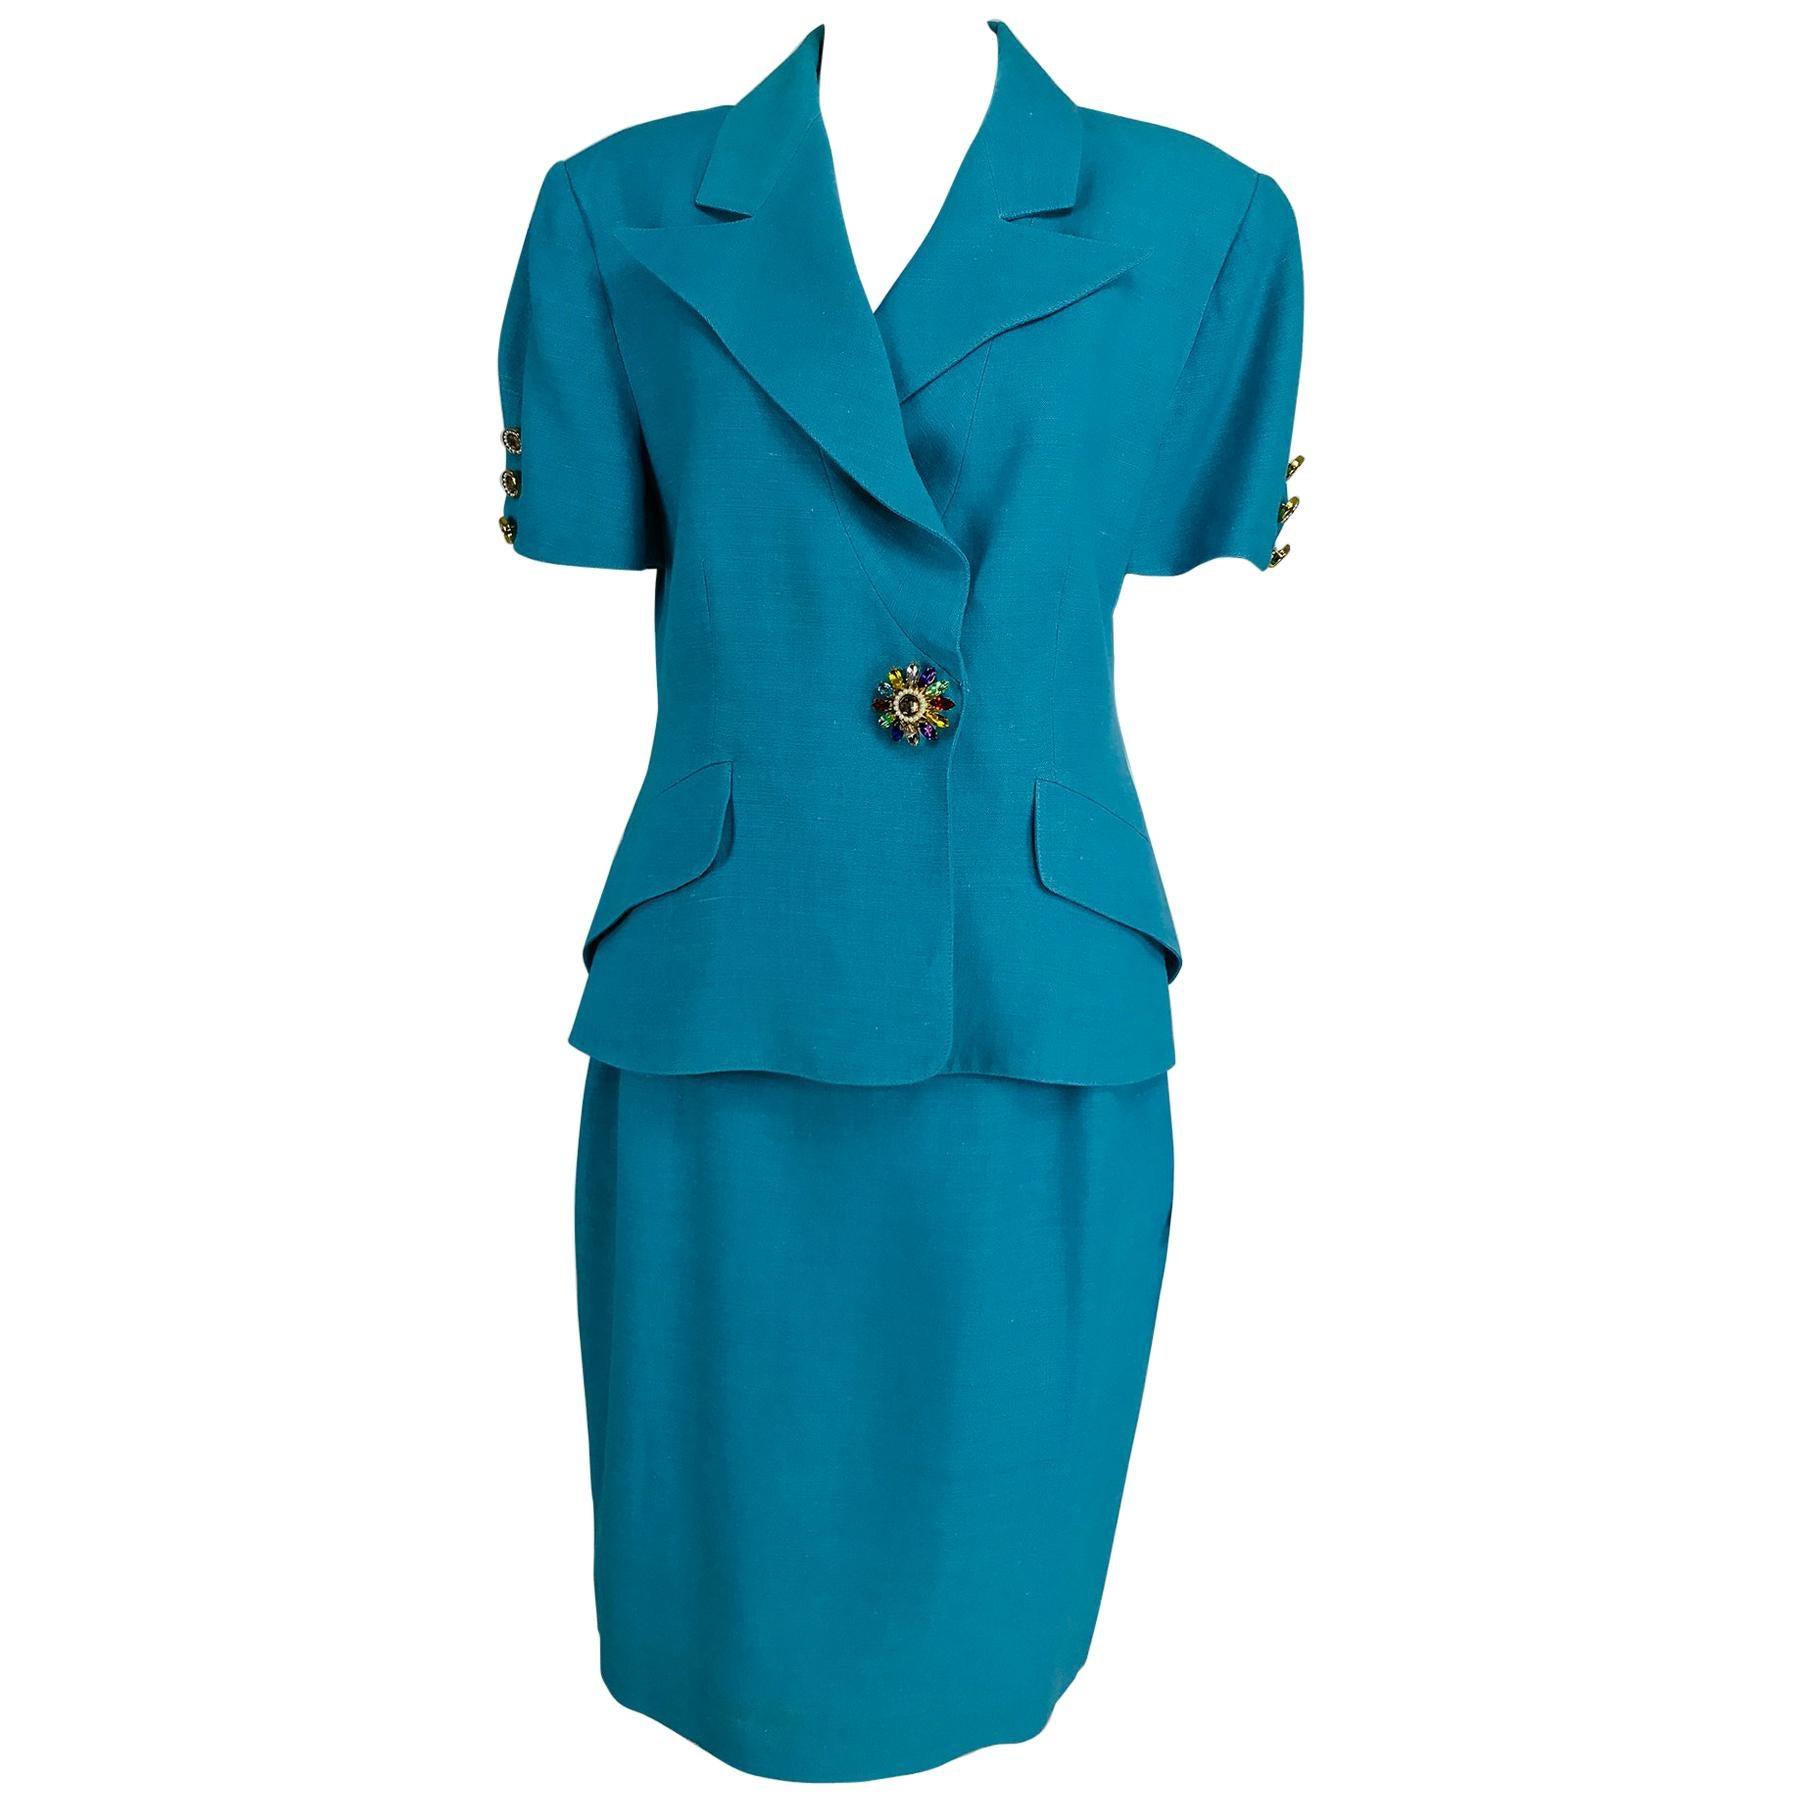 Christian Lacroix Turquoise Linen Jewel Button Suit 1990s 12